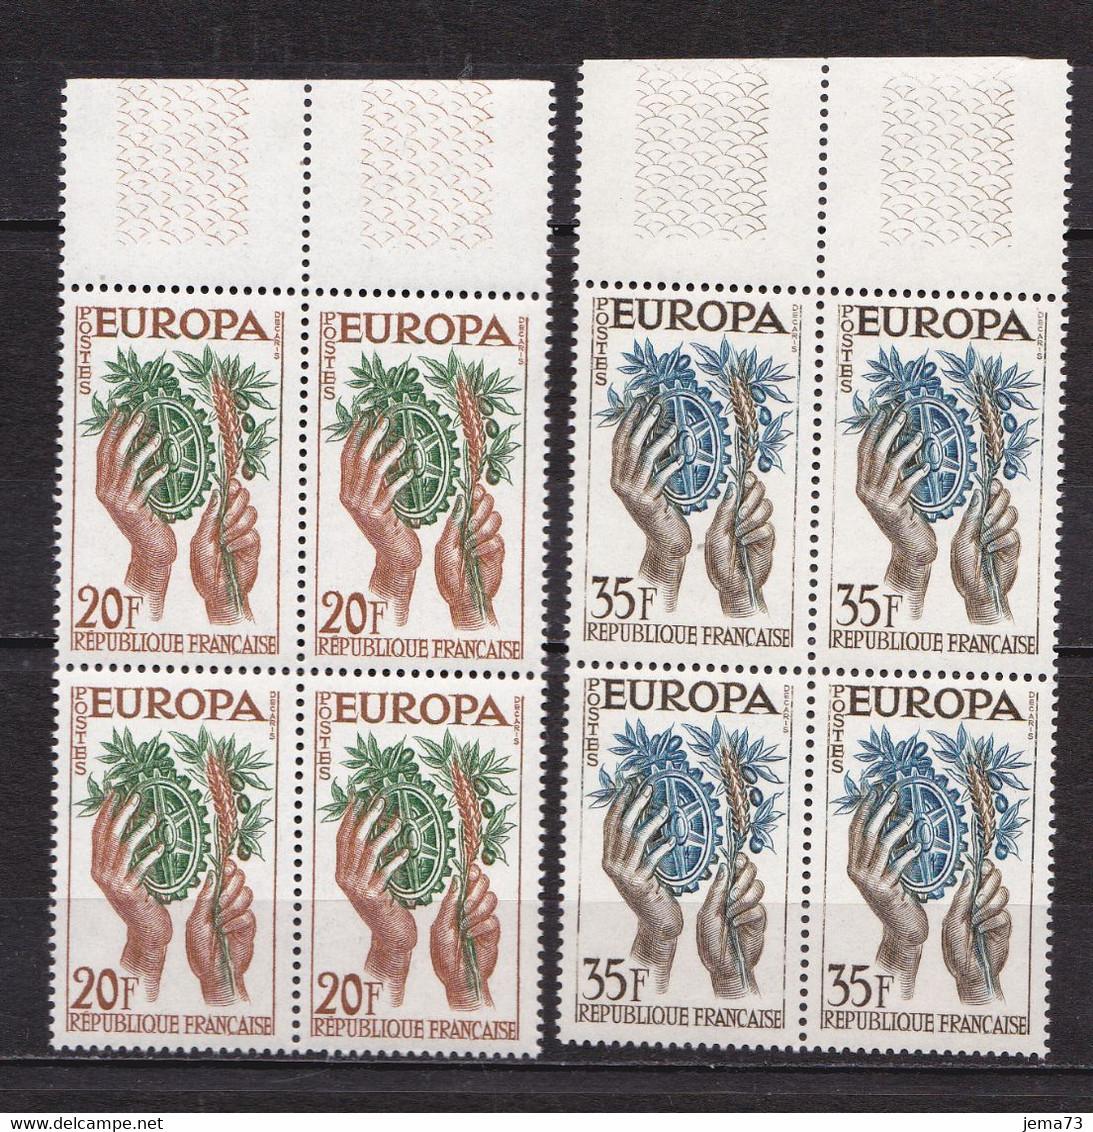 N° 1122 Et 1123 Europa 1957: Belle Paire De 2 Timbres Neuf Impeccable Sans Charnière - Nuovi